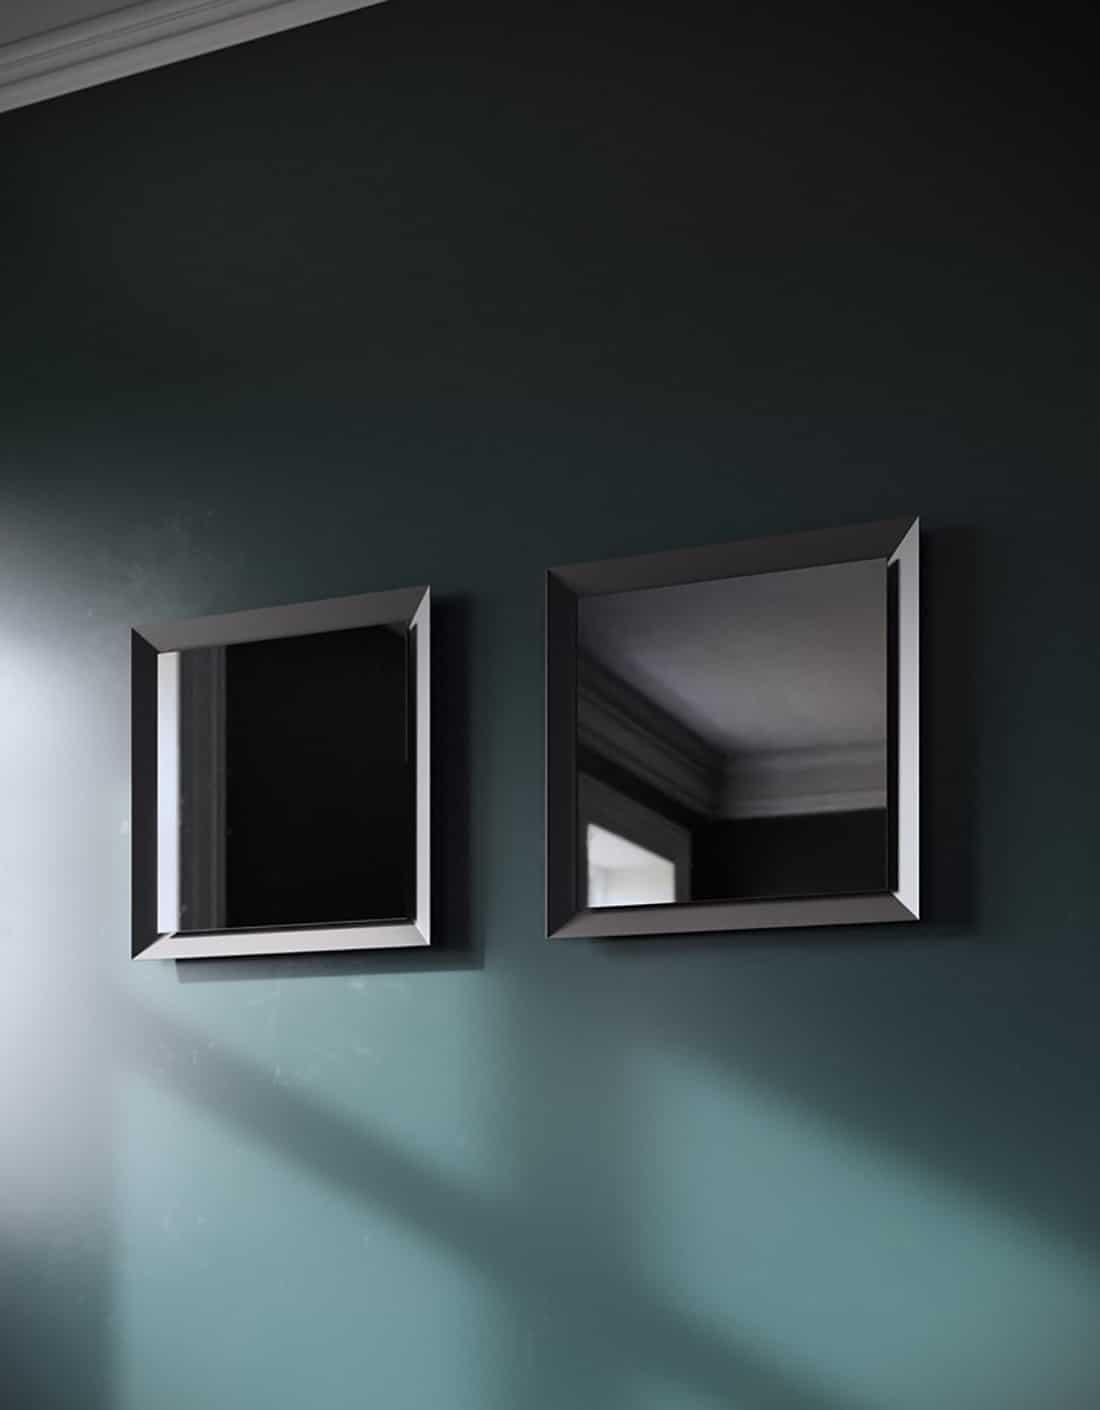 καθρέφτης square